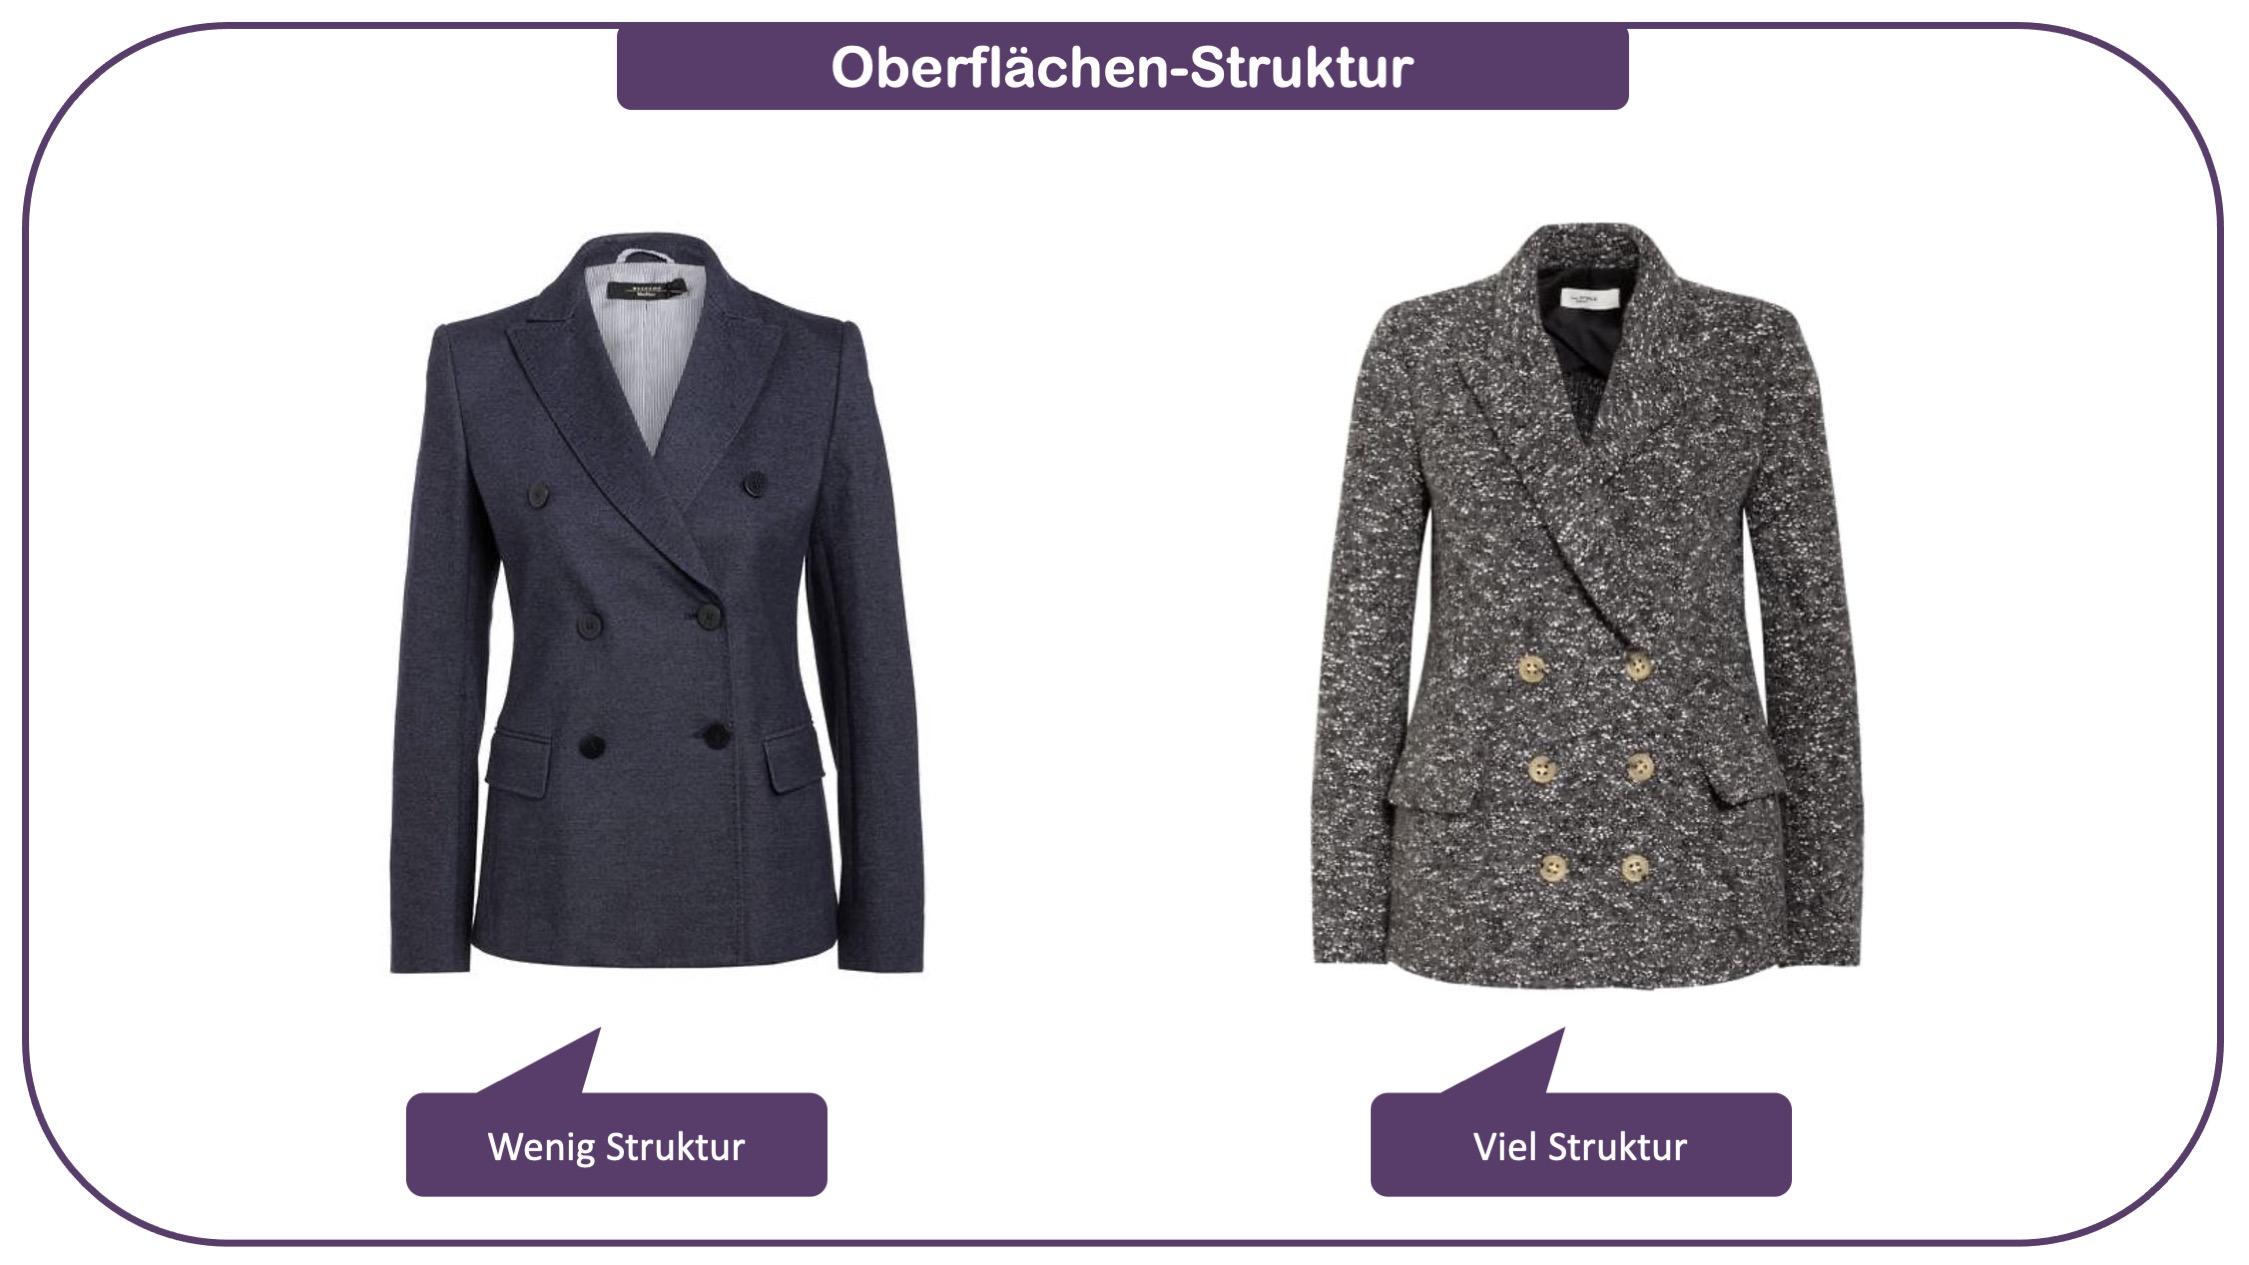 Stilfaktor Struktur - Modewissen für ihre Stil-Intelligenz - Beispiel 2